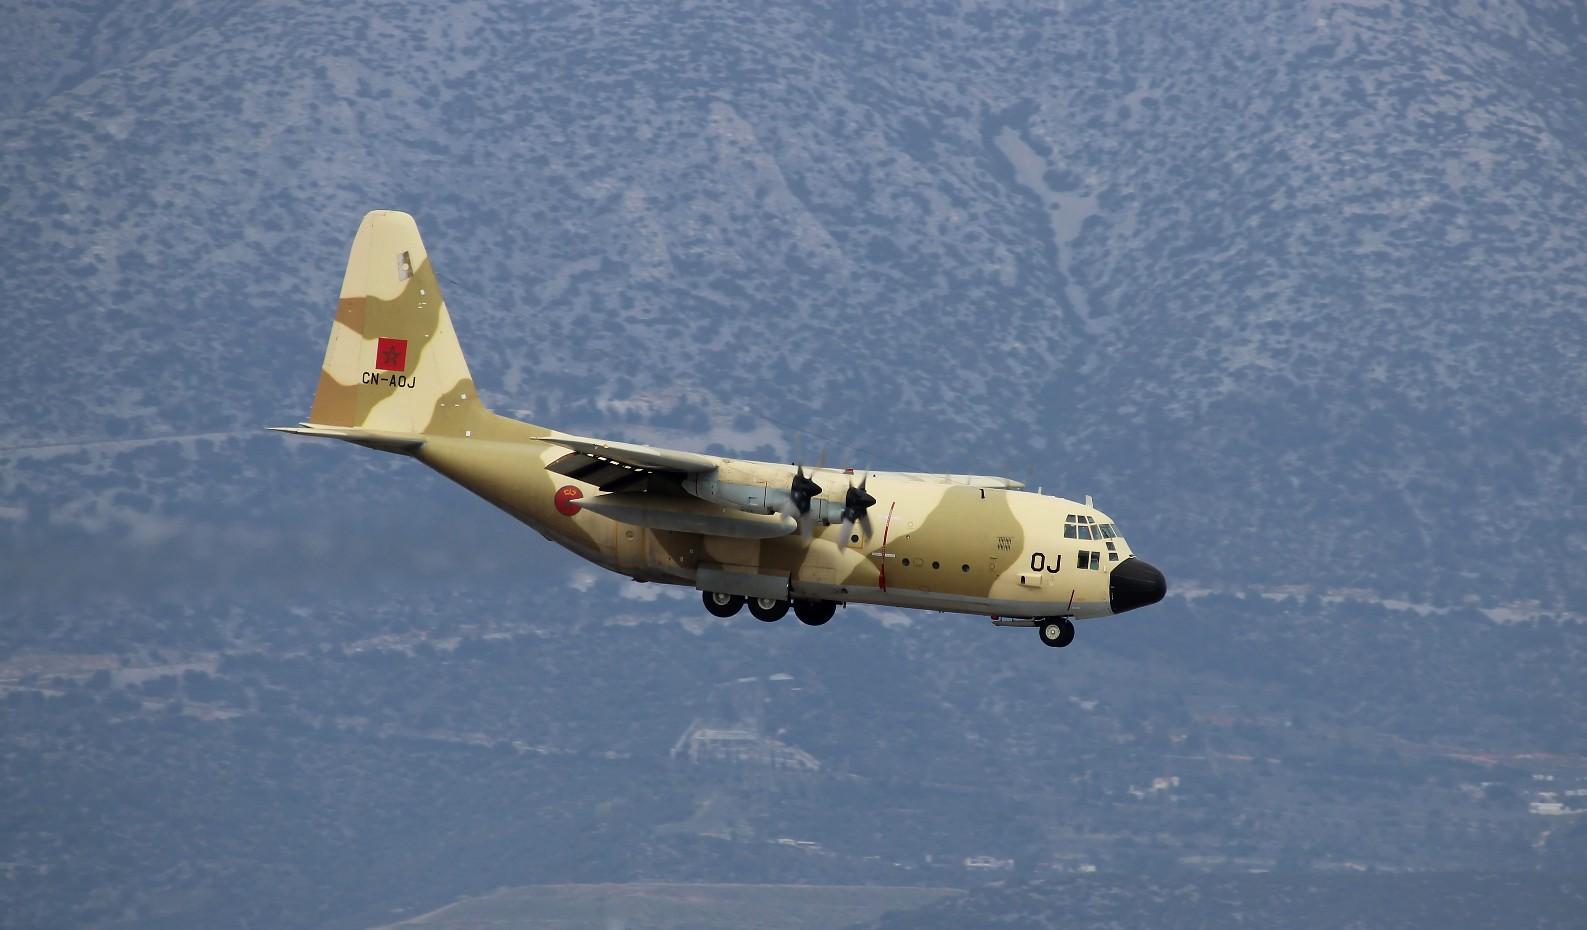 FRA: Photos d'avions de transport - Page 42 51028063982_6f1412fa07_h